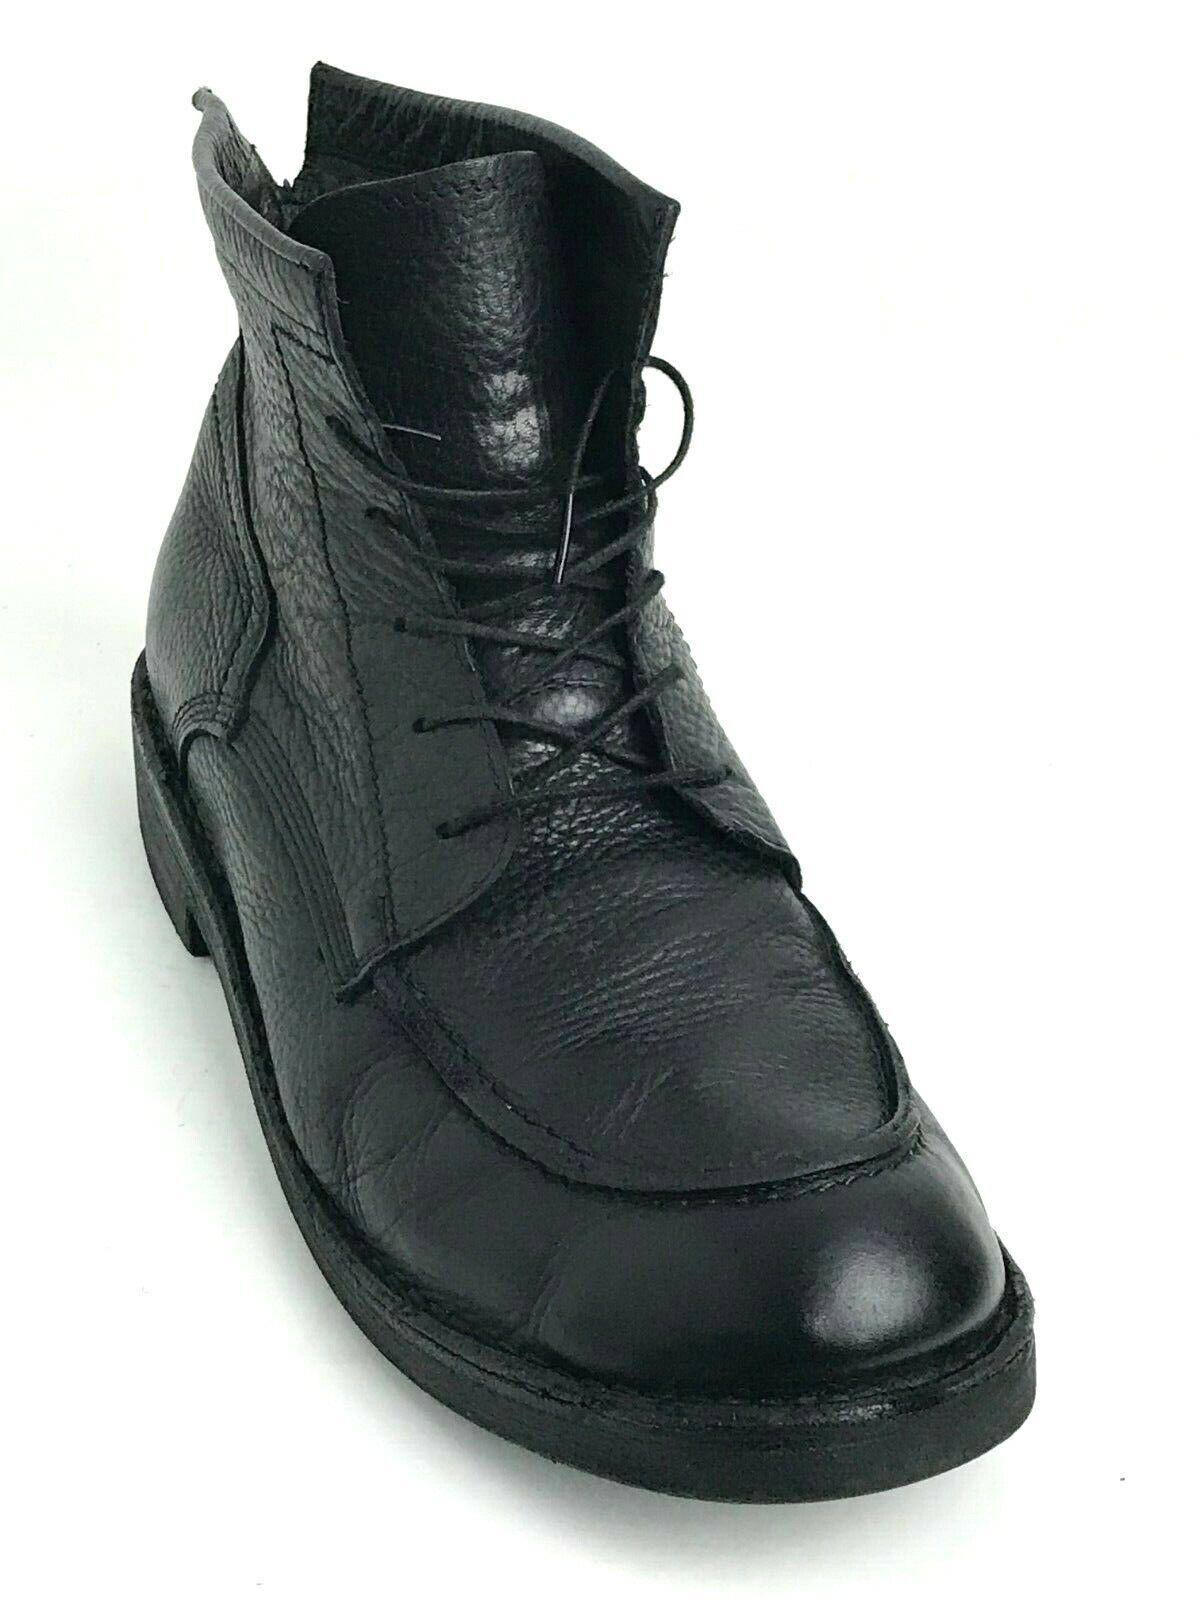 BOEMOS Hecho en Italia para Hombre botas al Tobillo Con Cordones Talla US.10 EU.43 UK.9.5